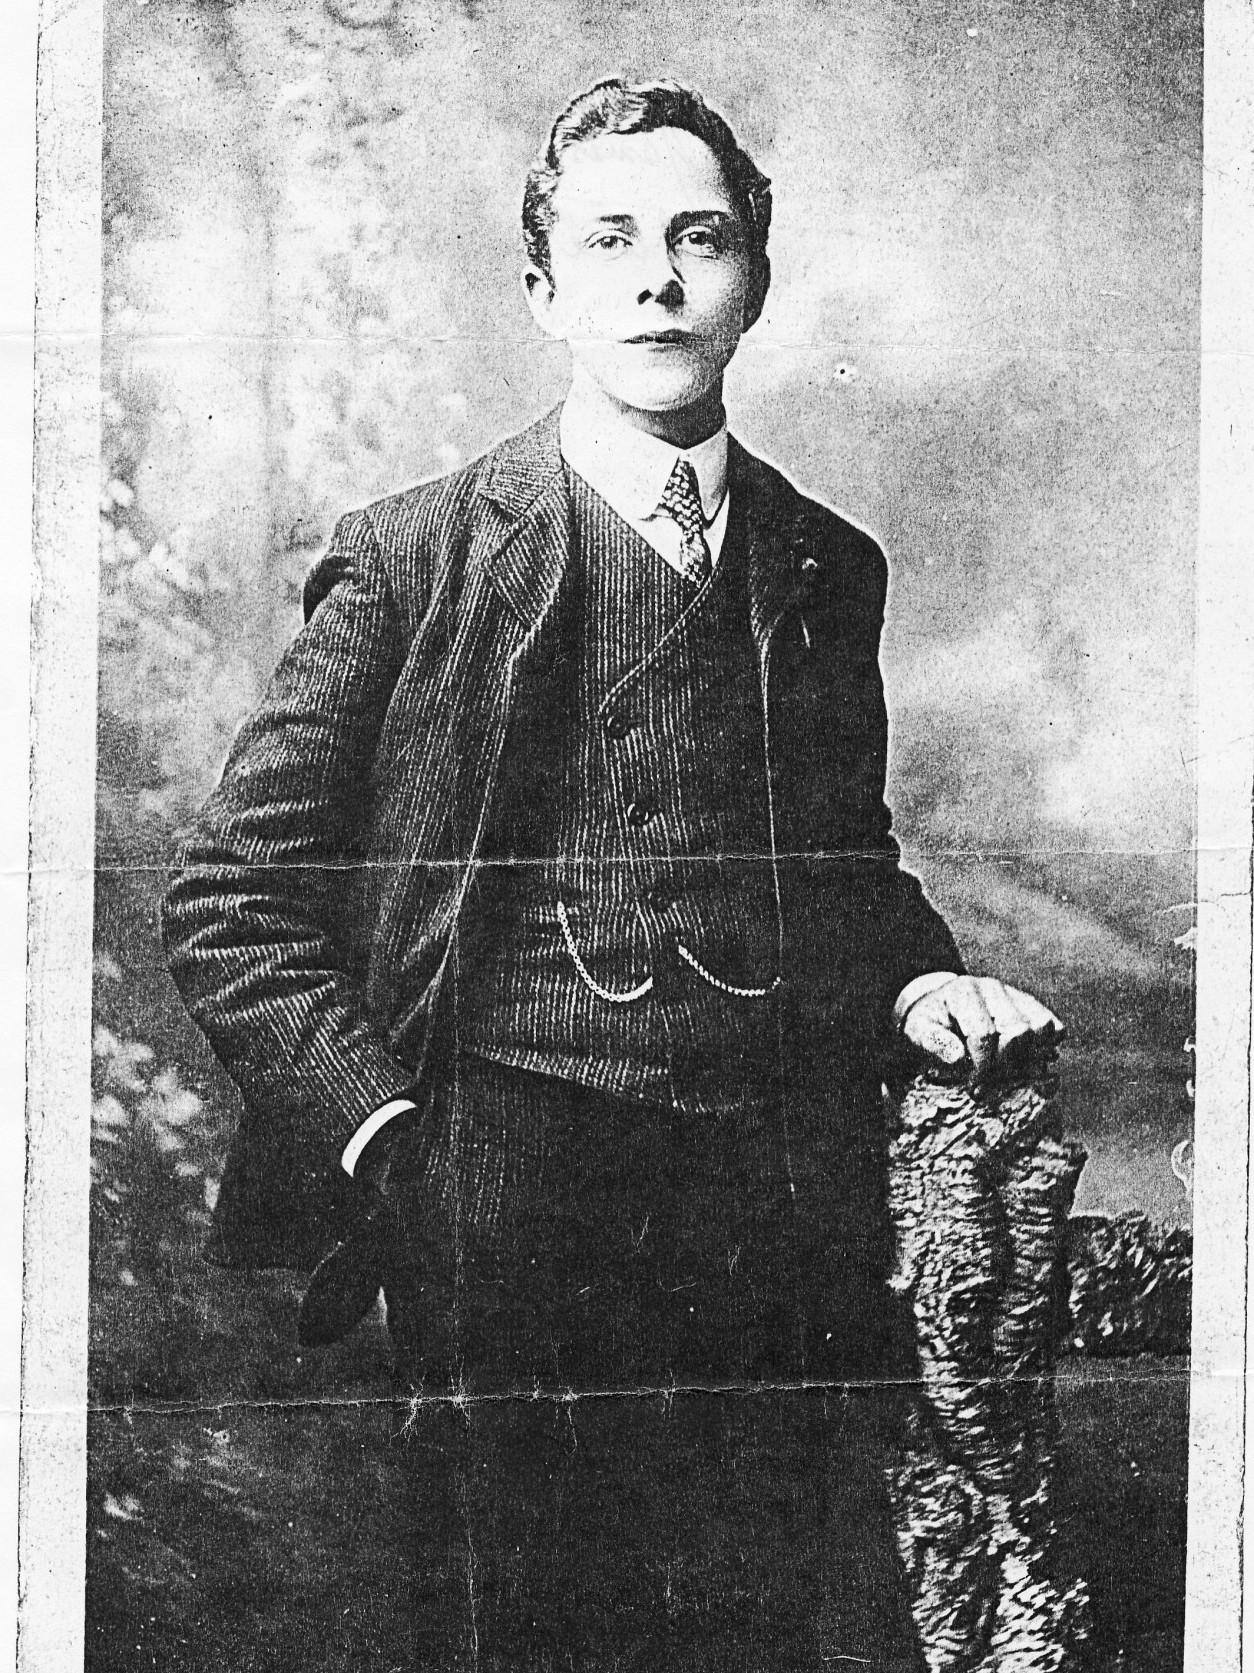 Private James William Welham